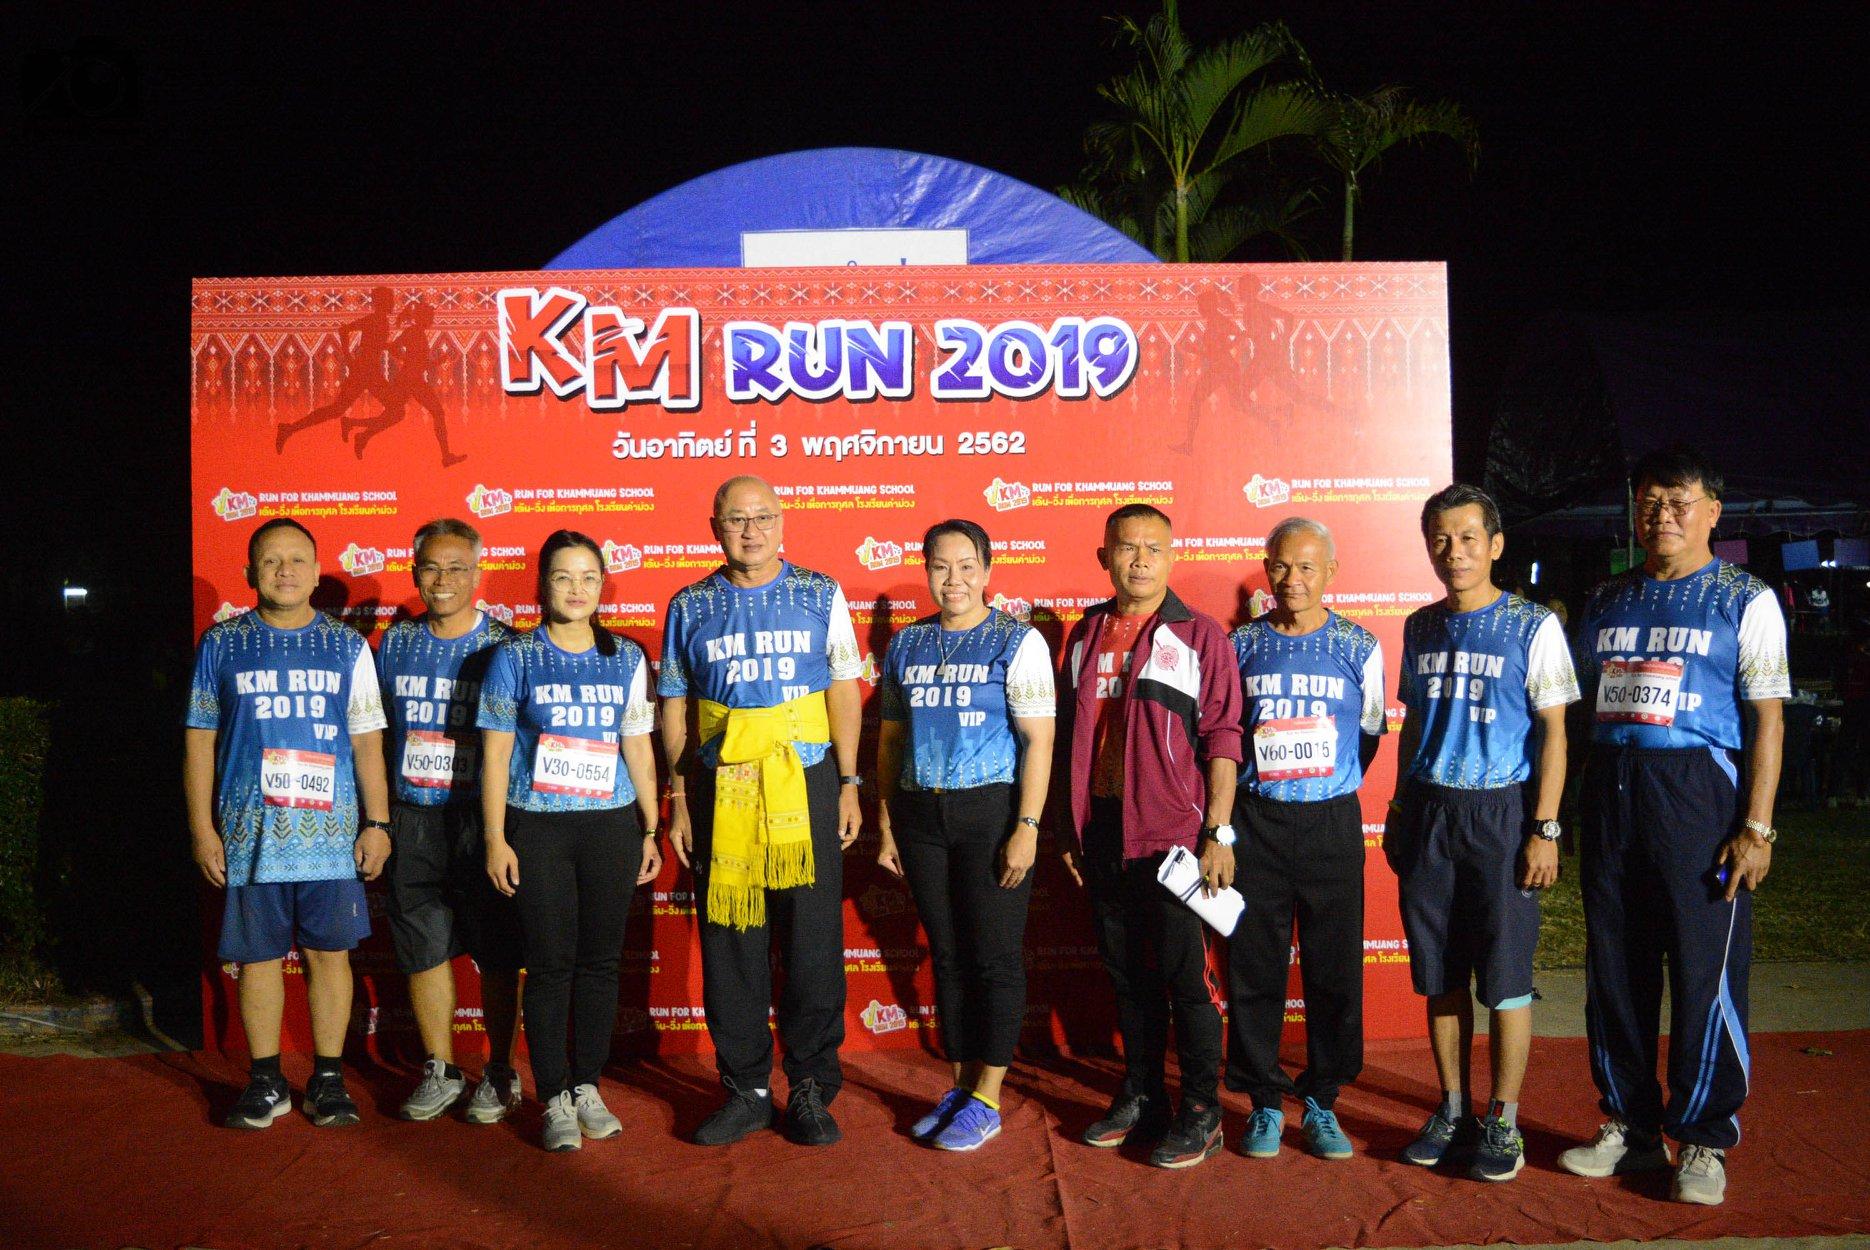 โรงเรียนคำม่วงจัดกิจกรรม เดิน วิ่ง เพื่อการกุศล KM RUN 2019